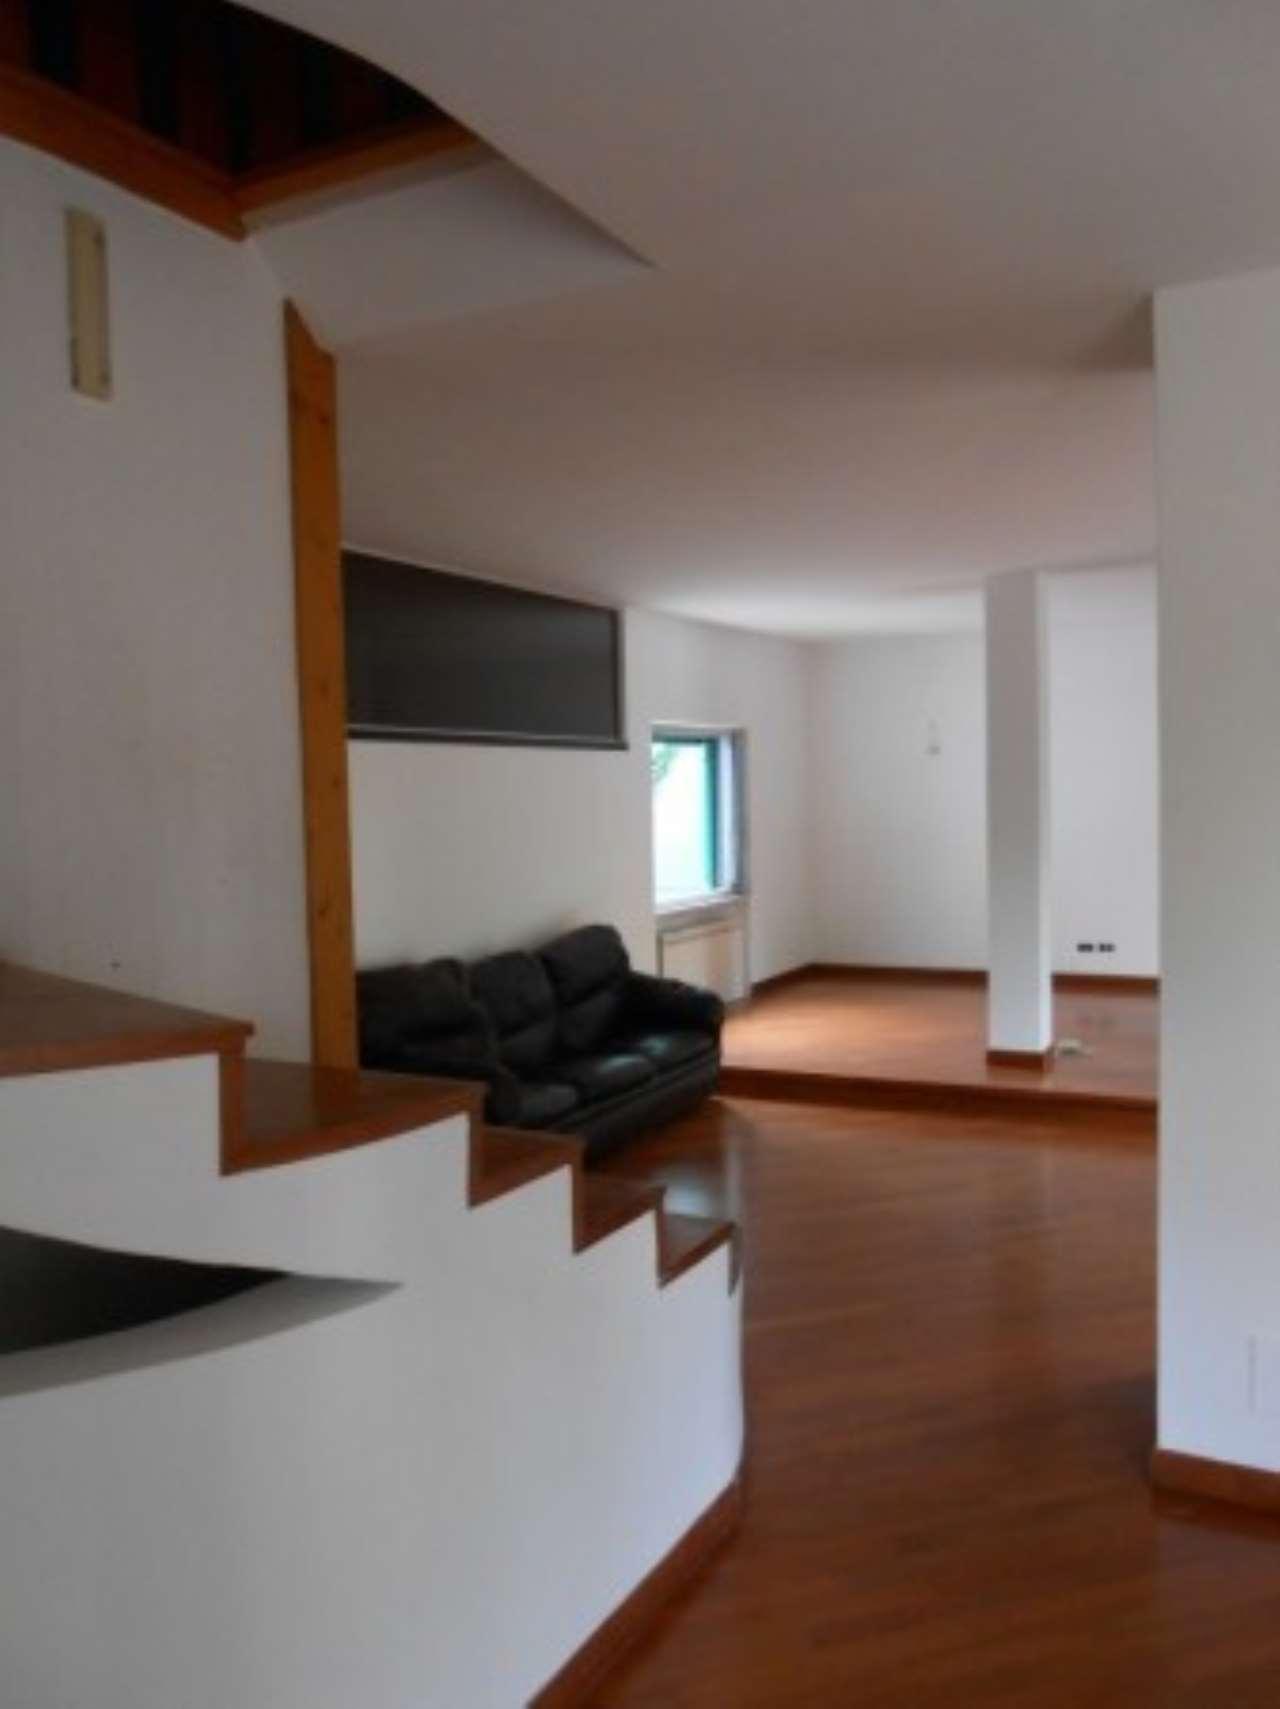 Villa in vendita a Mogliano Veneto, 6 locali, prezzo € 280.000 | CambioCasa.it